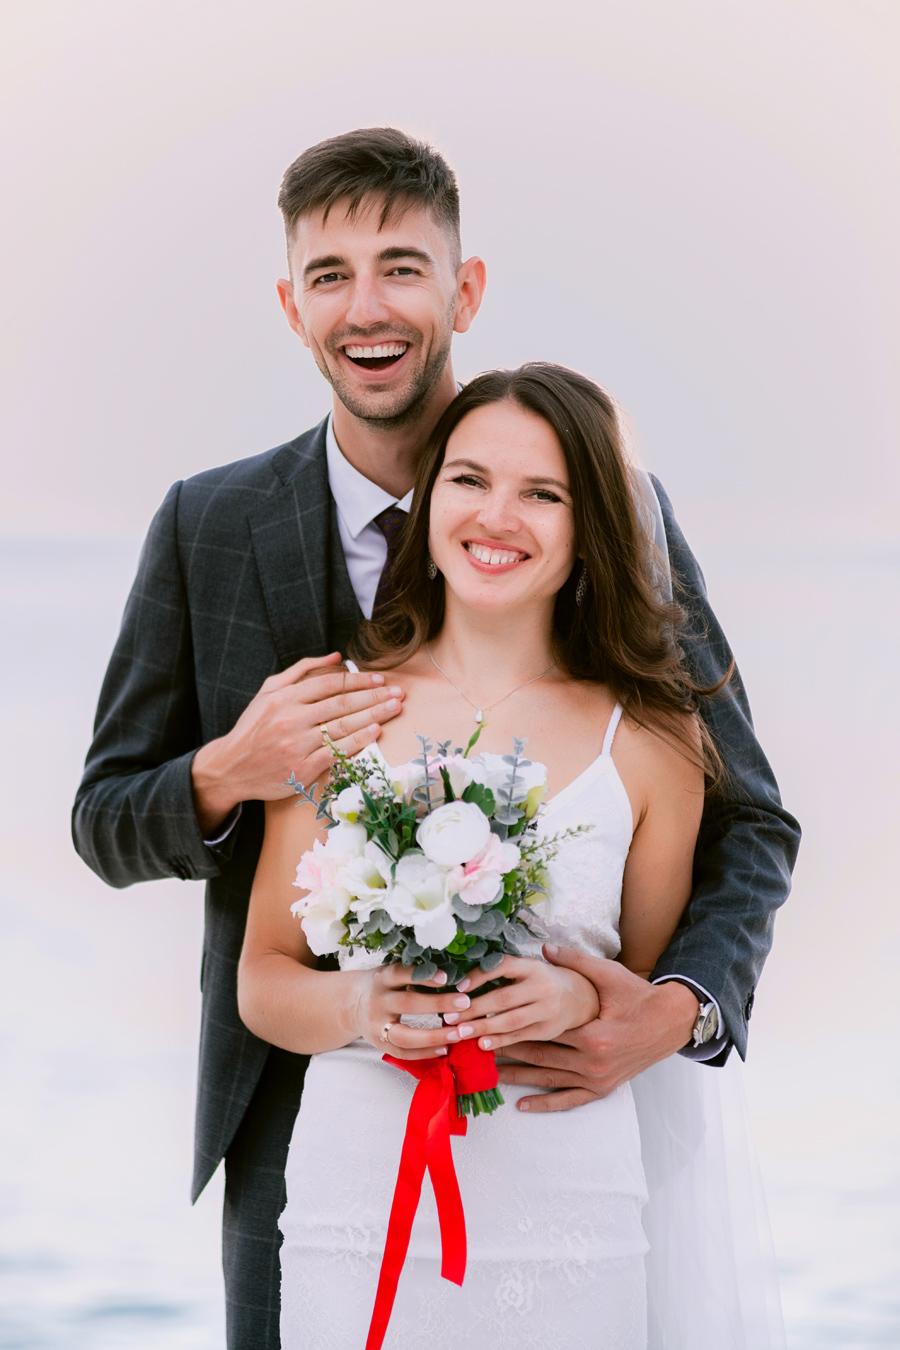 Constantin & Sorina Sunset Wedding at Thassos island